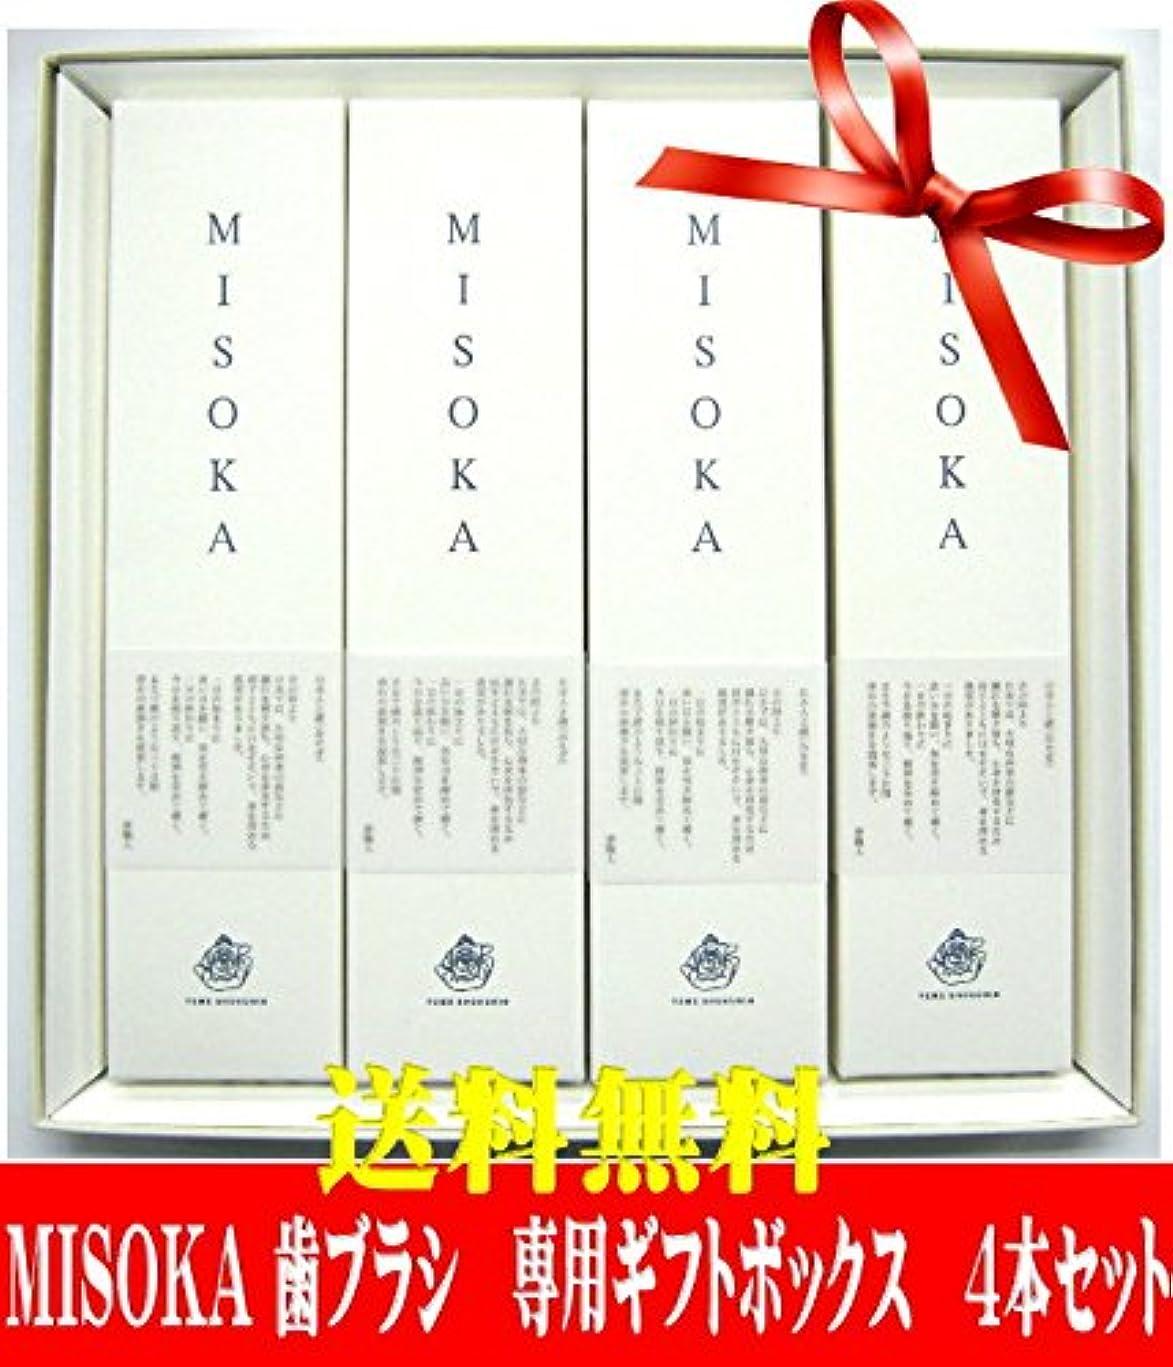 集中難しい満了夢職人MISOKA(みそか)歯ブラシ4本ギフトセット